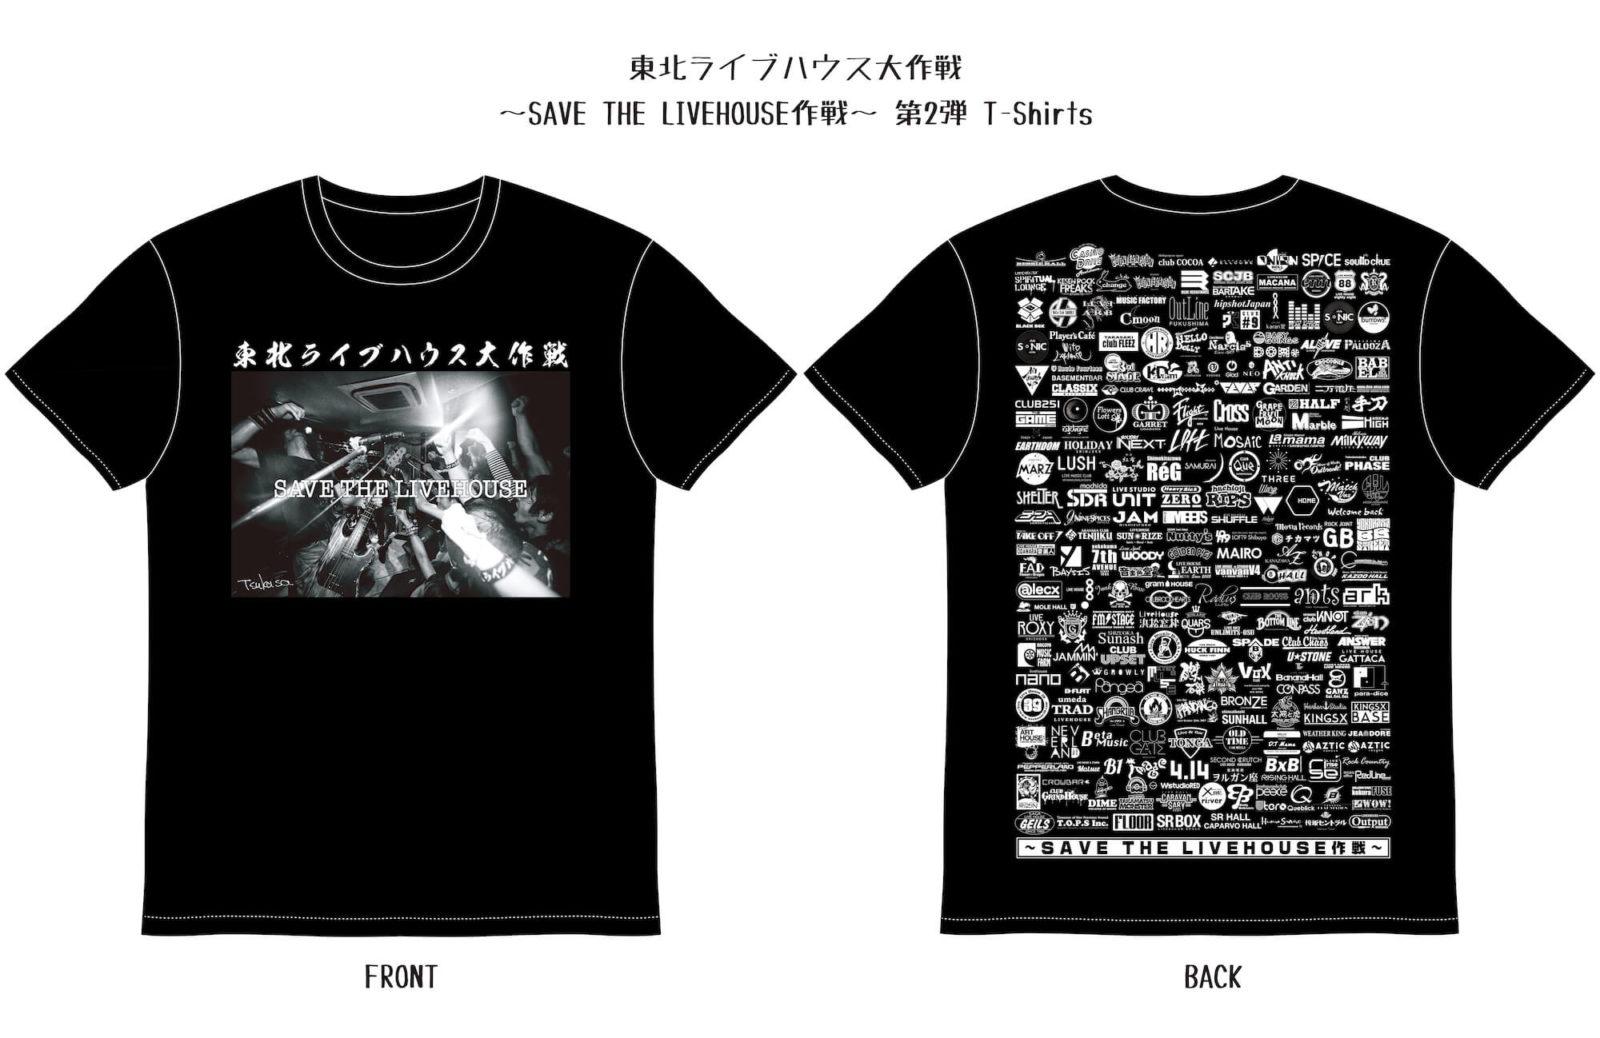 東北ライブハウス大作戦「〜SAVE THE LIVEHOUSE作戦〜 」第二弾T-Shirts受注販売スタートサムネイル画像